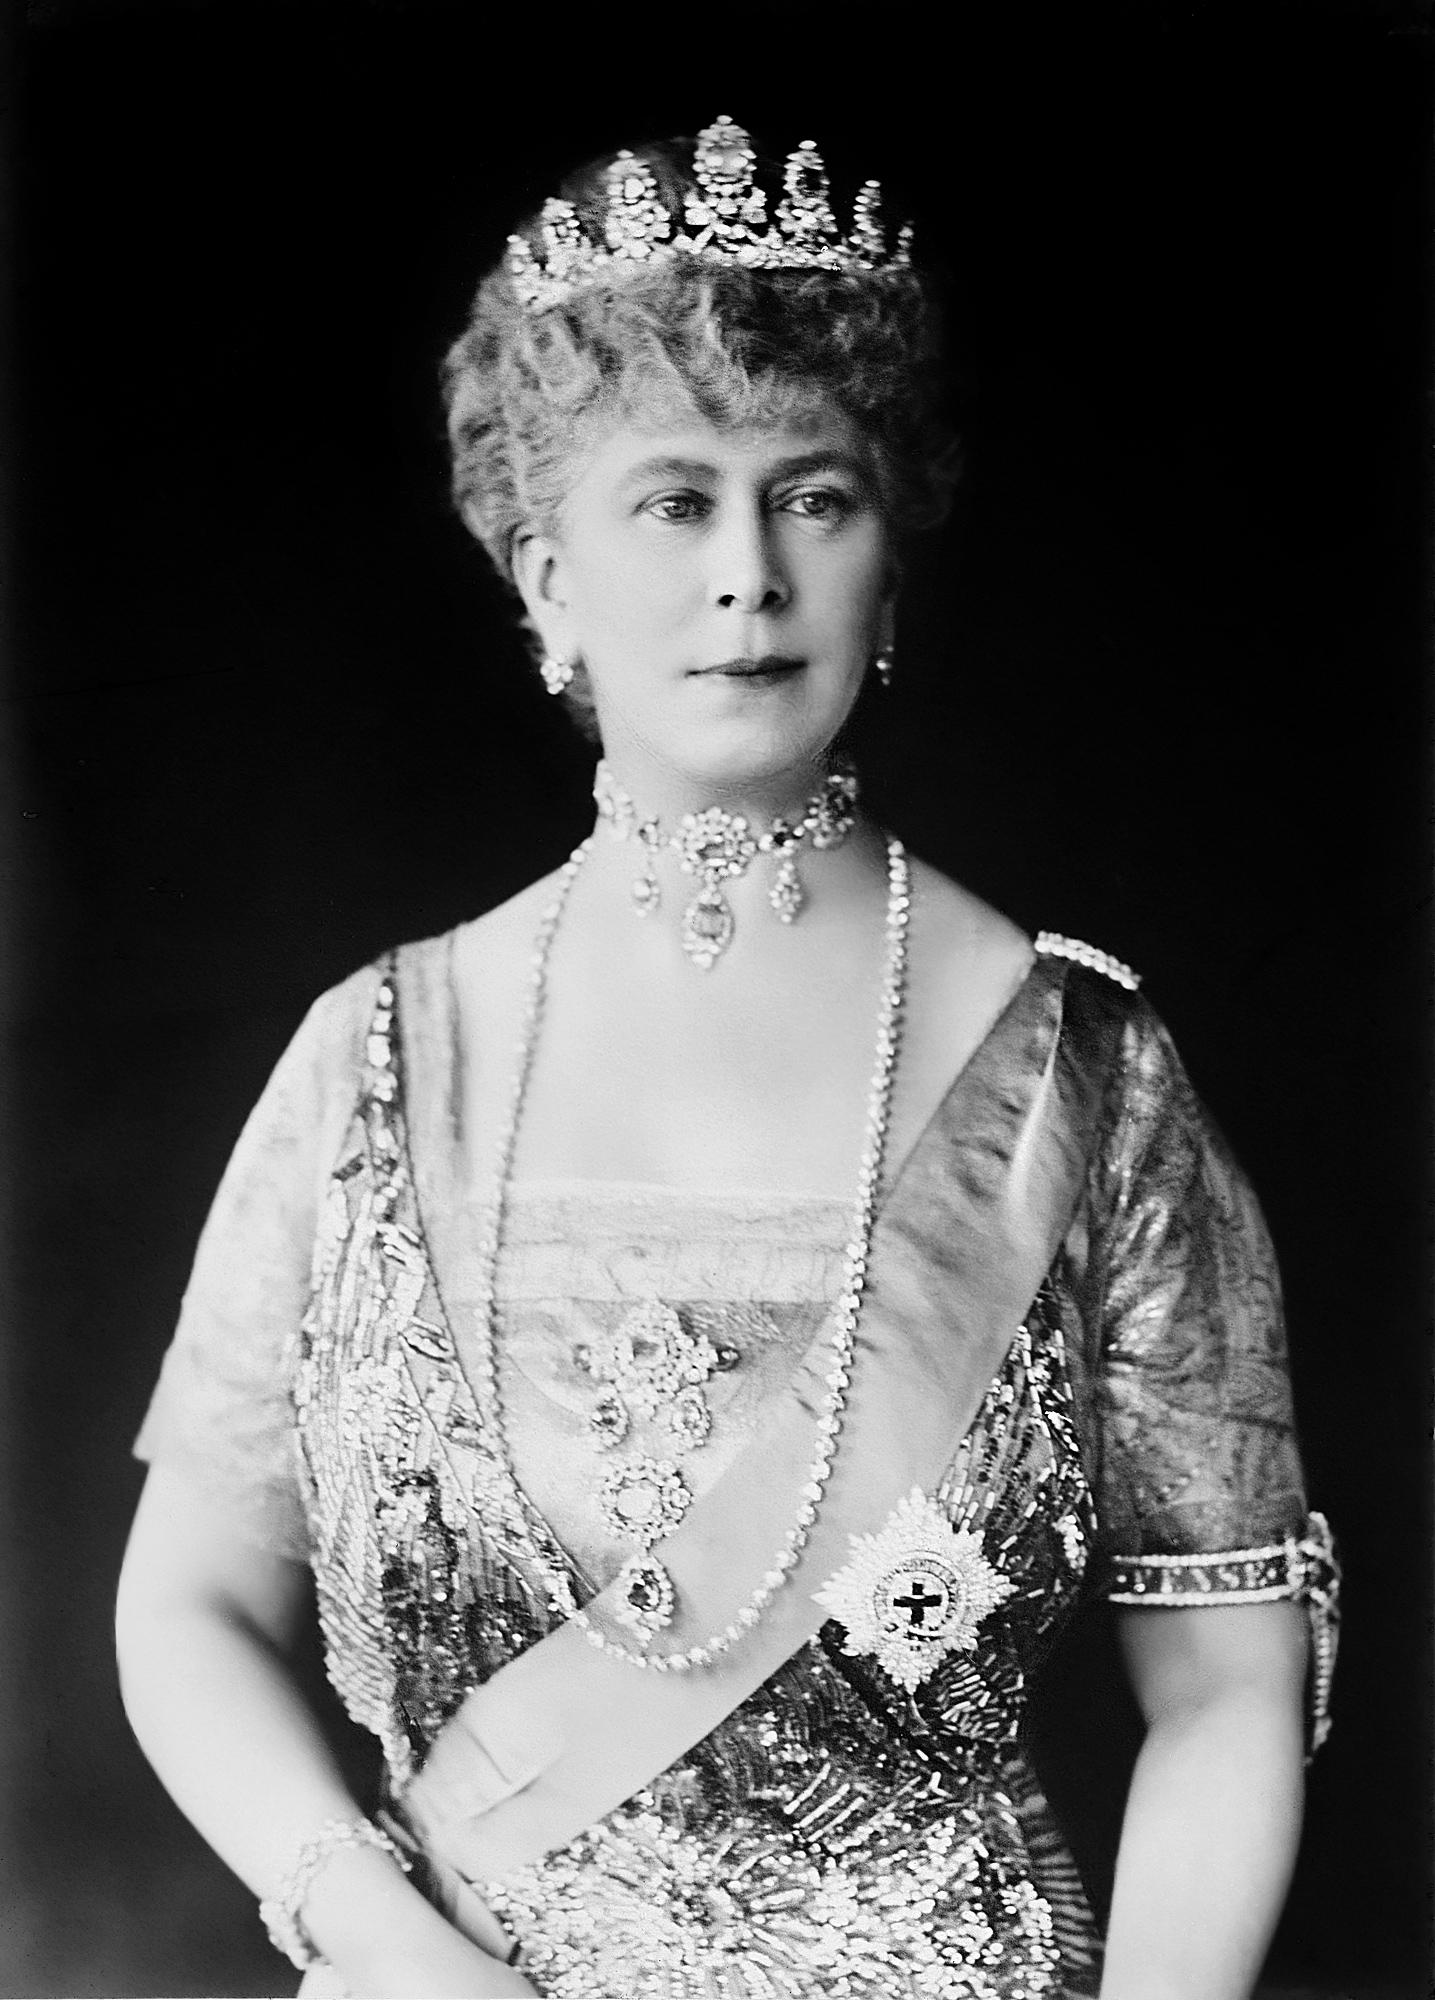 https://upload.wikimedia.org/wikipedia/commons/f/fe/Queenmaryformalportrait_edit3.jpg